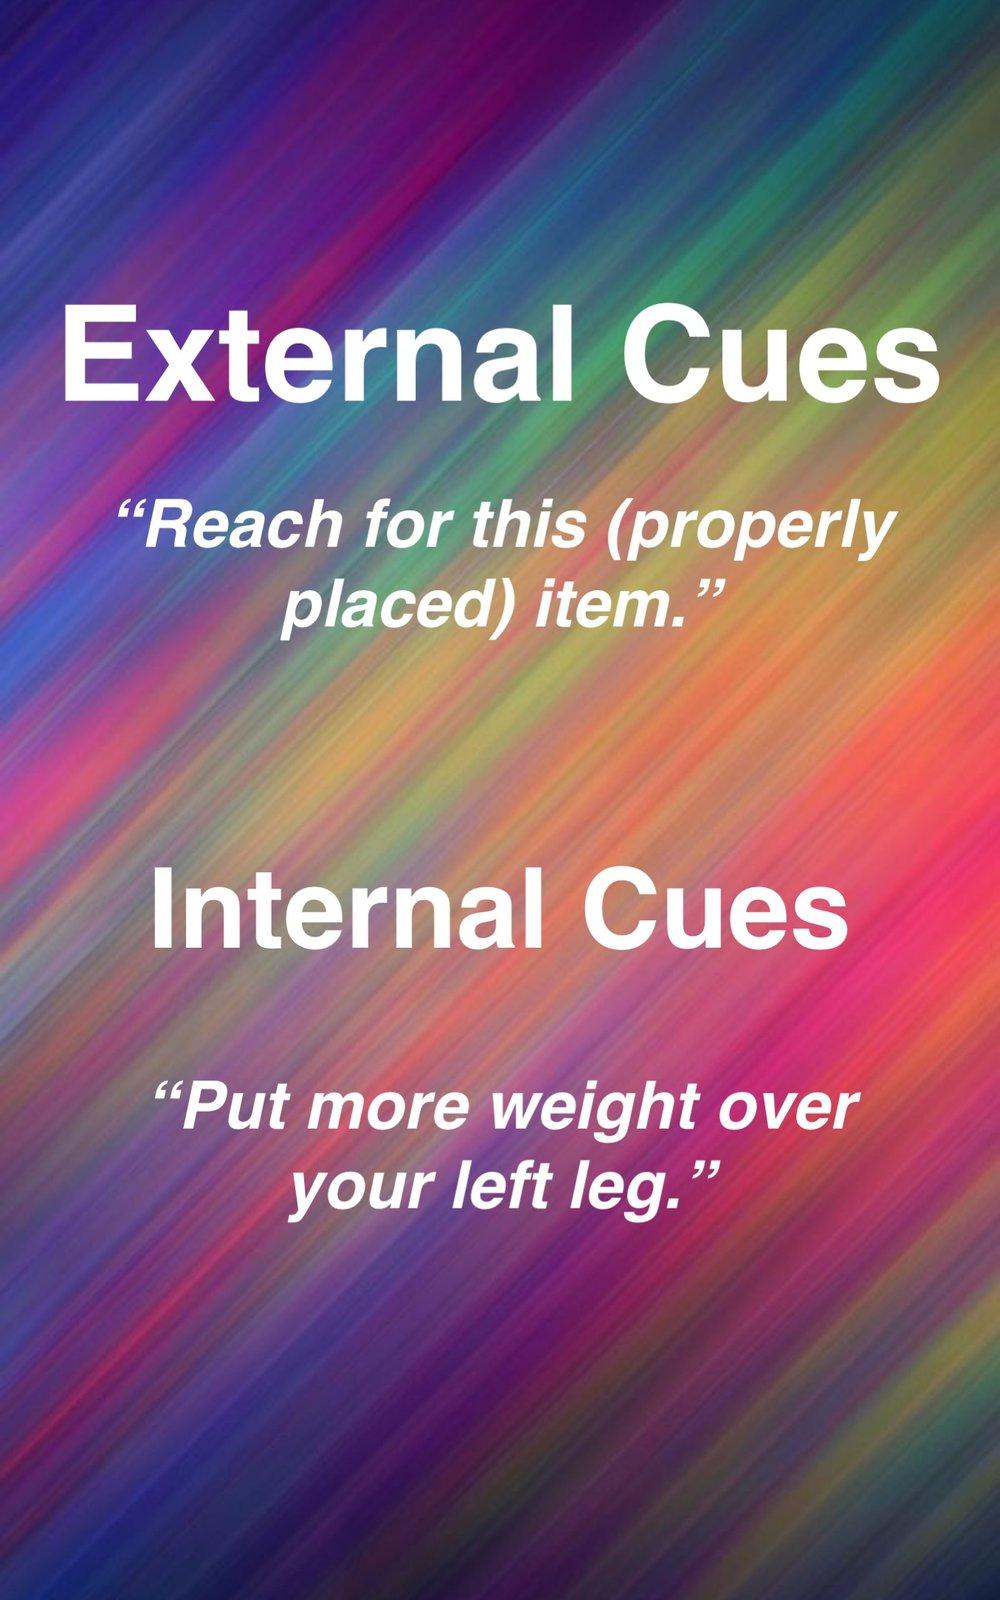 External Cues09.jpg